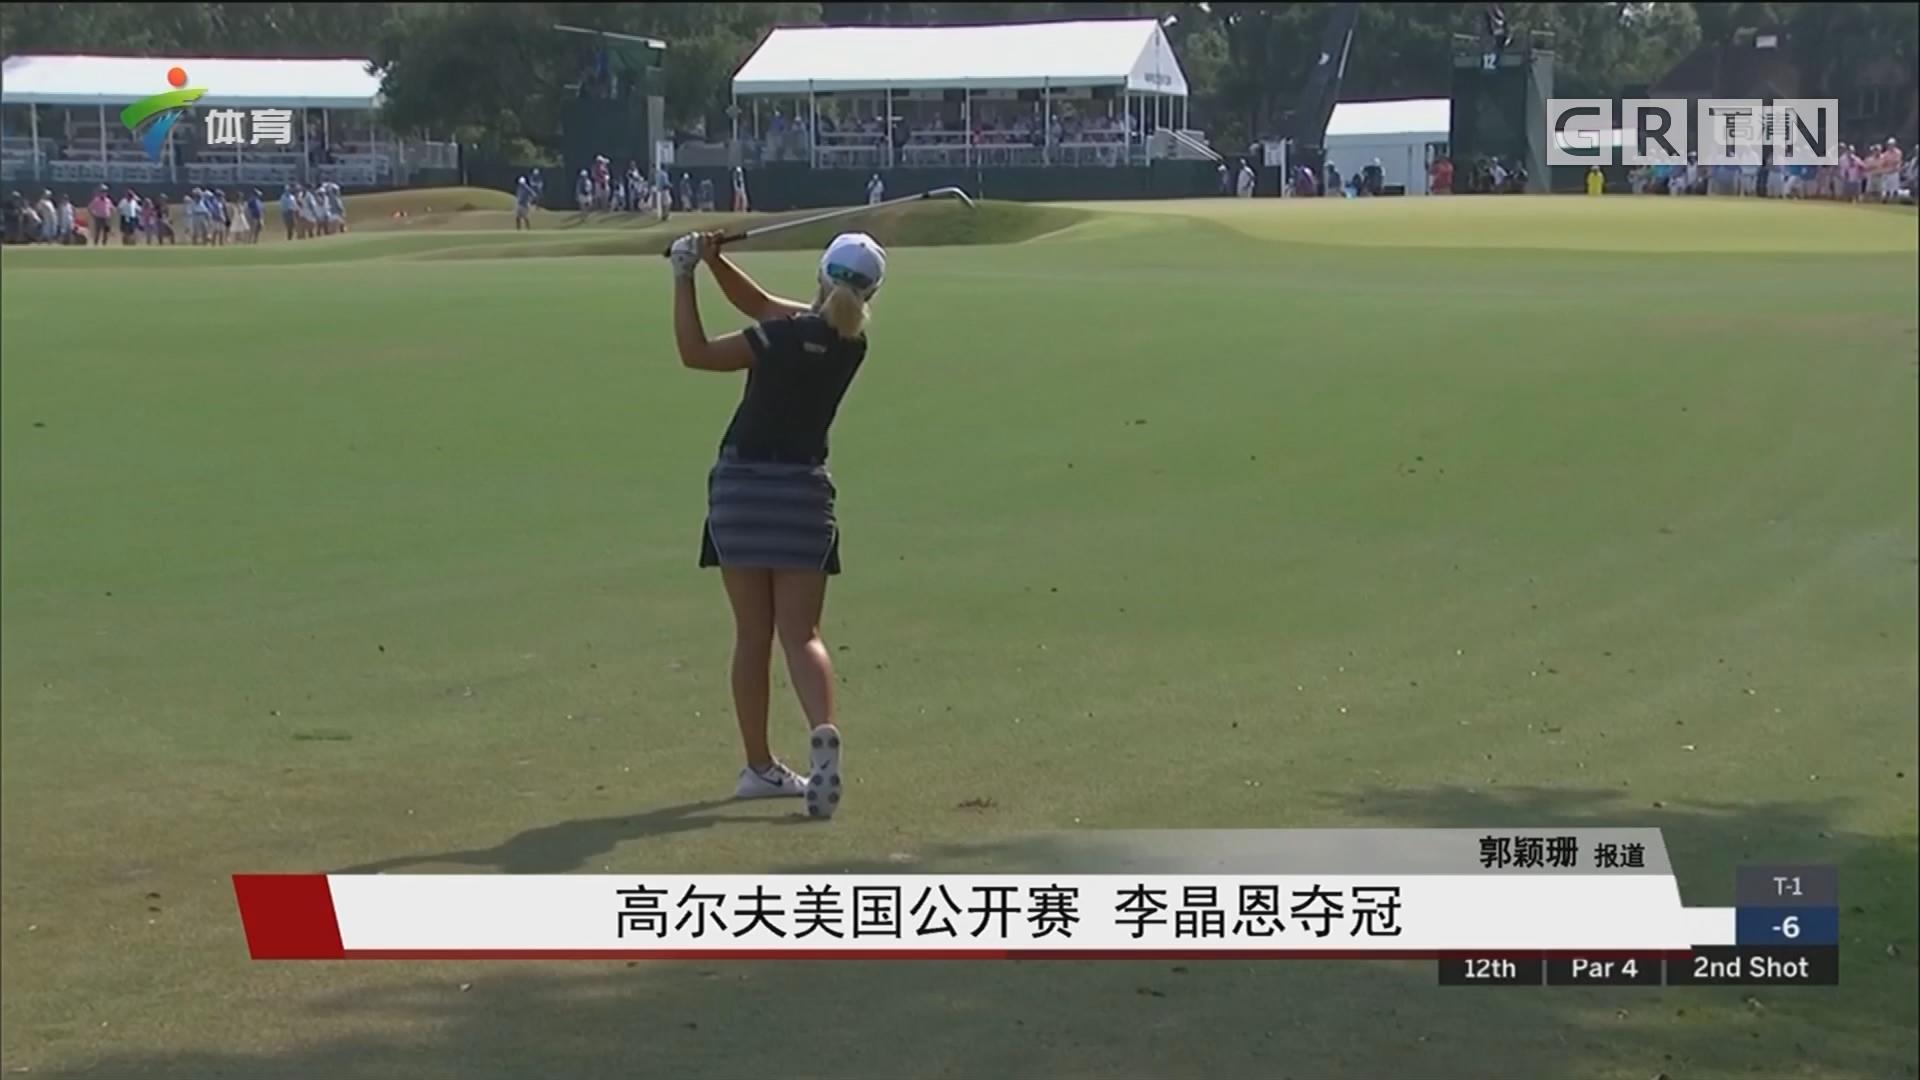 高尔夫美国公开赛 李晶恩夺冠